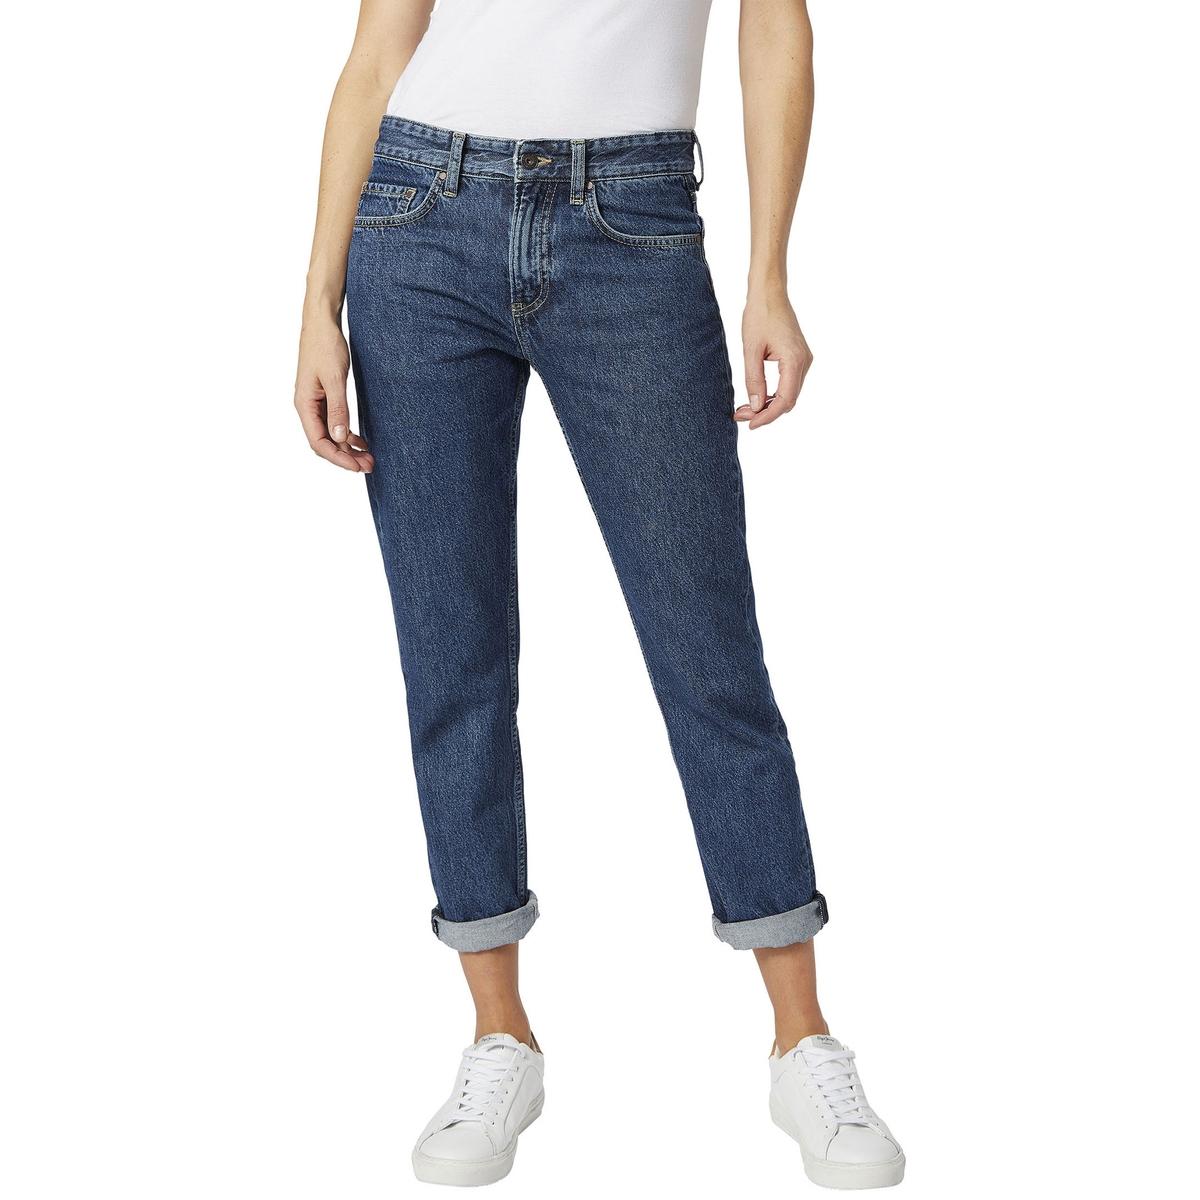 Джинсы бойфренд MABLE pepe jeans фактурные джинсы